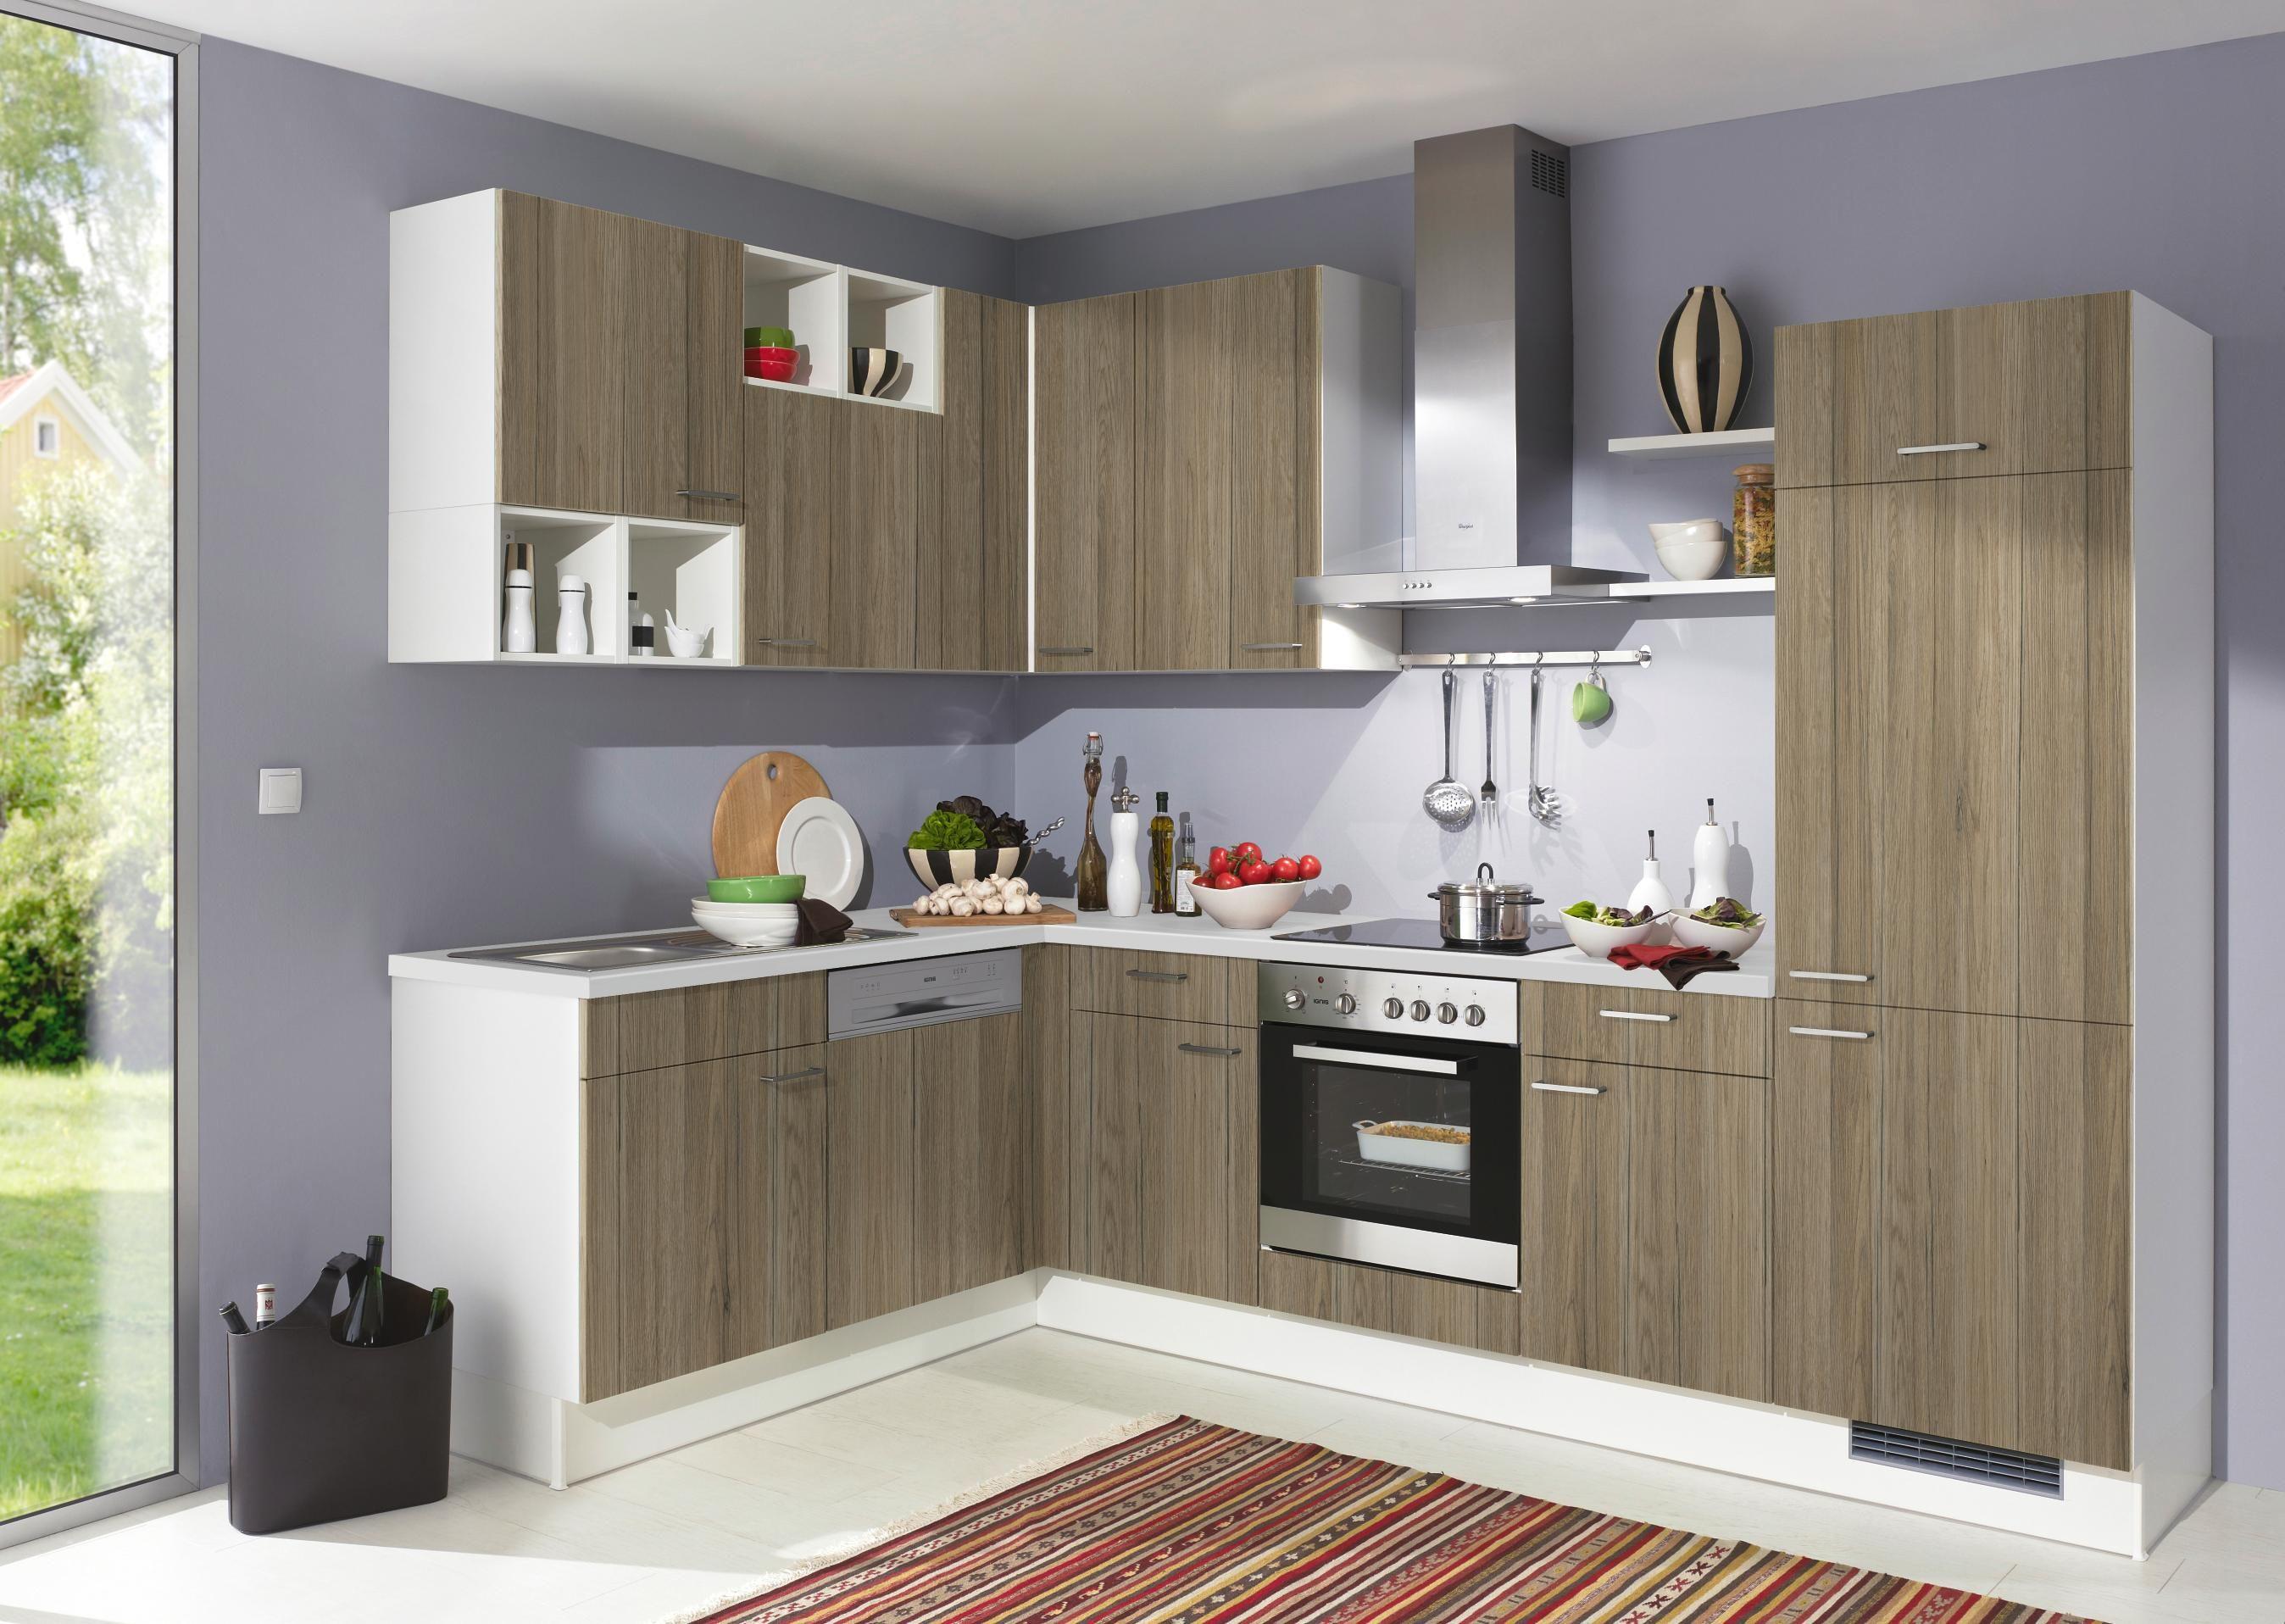 XORA Eckküche Planen Sie Ihre Traumküche! Kitchen